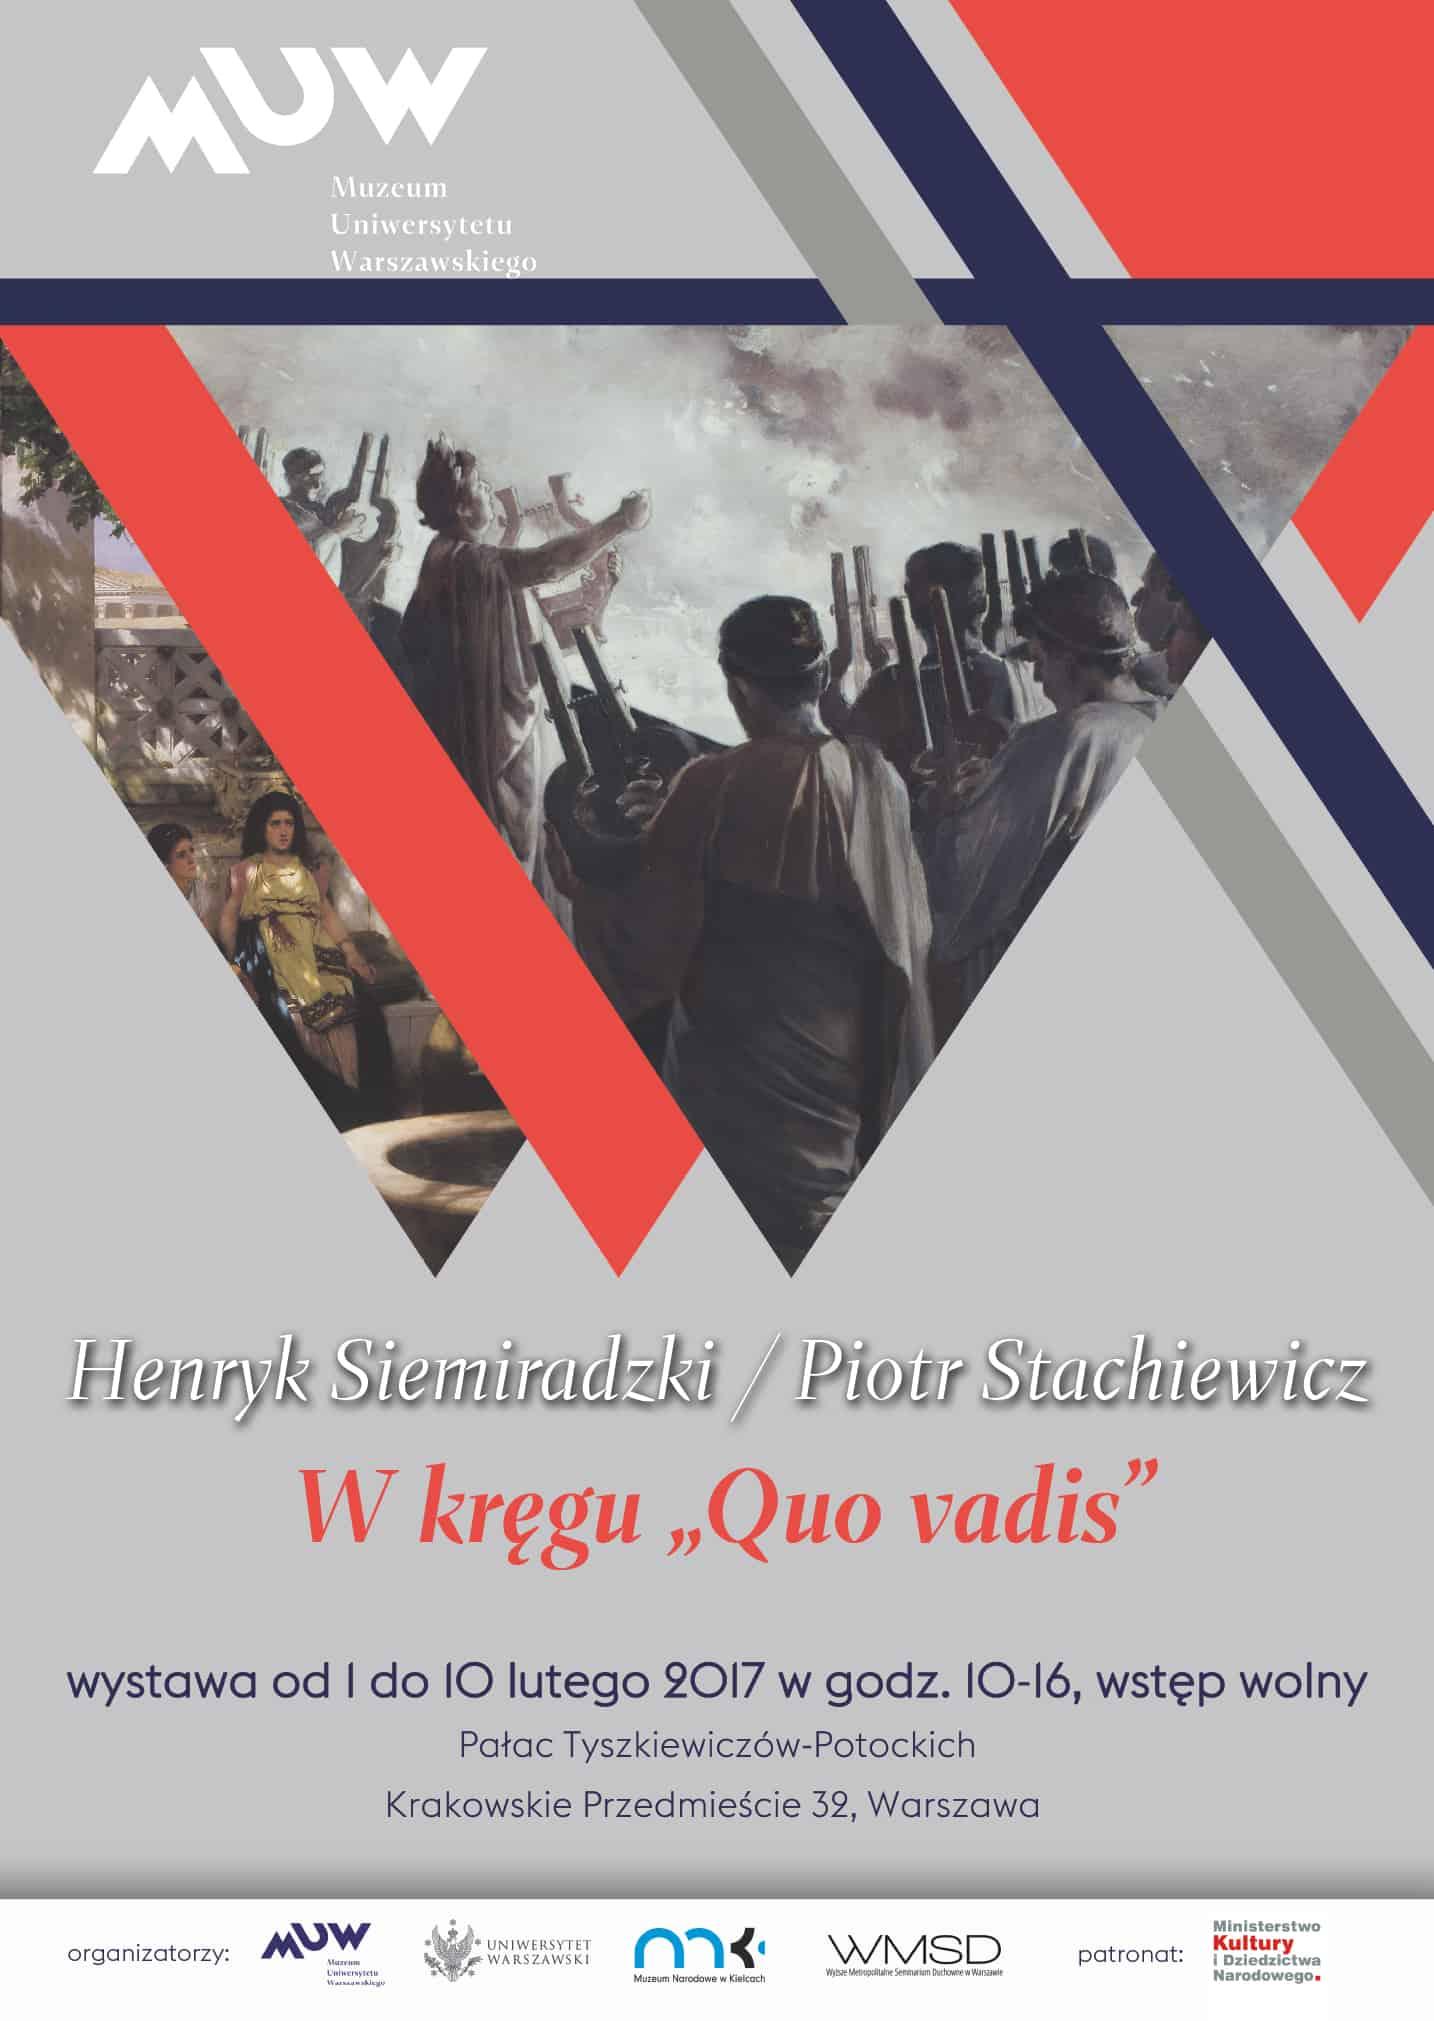 Sienkiewicz plakat